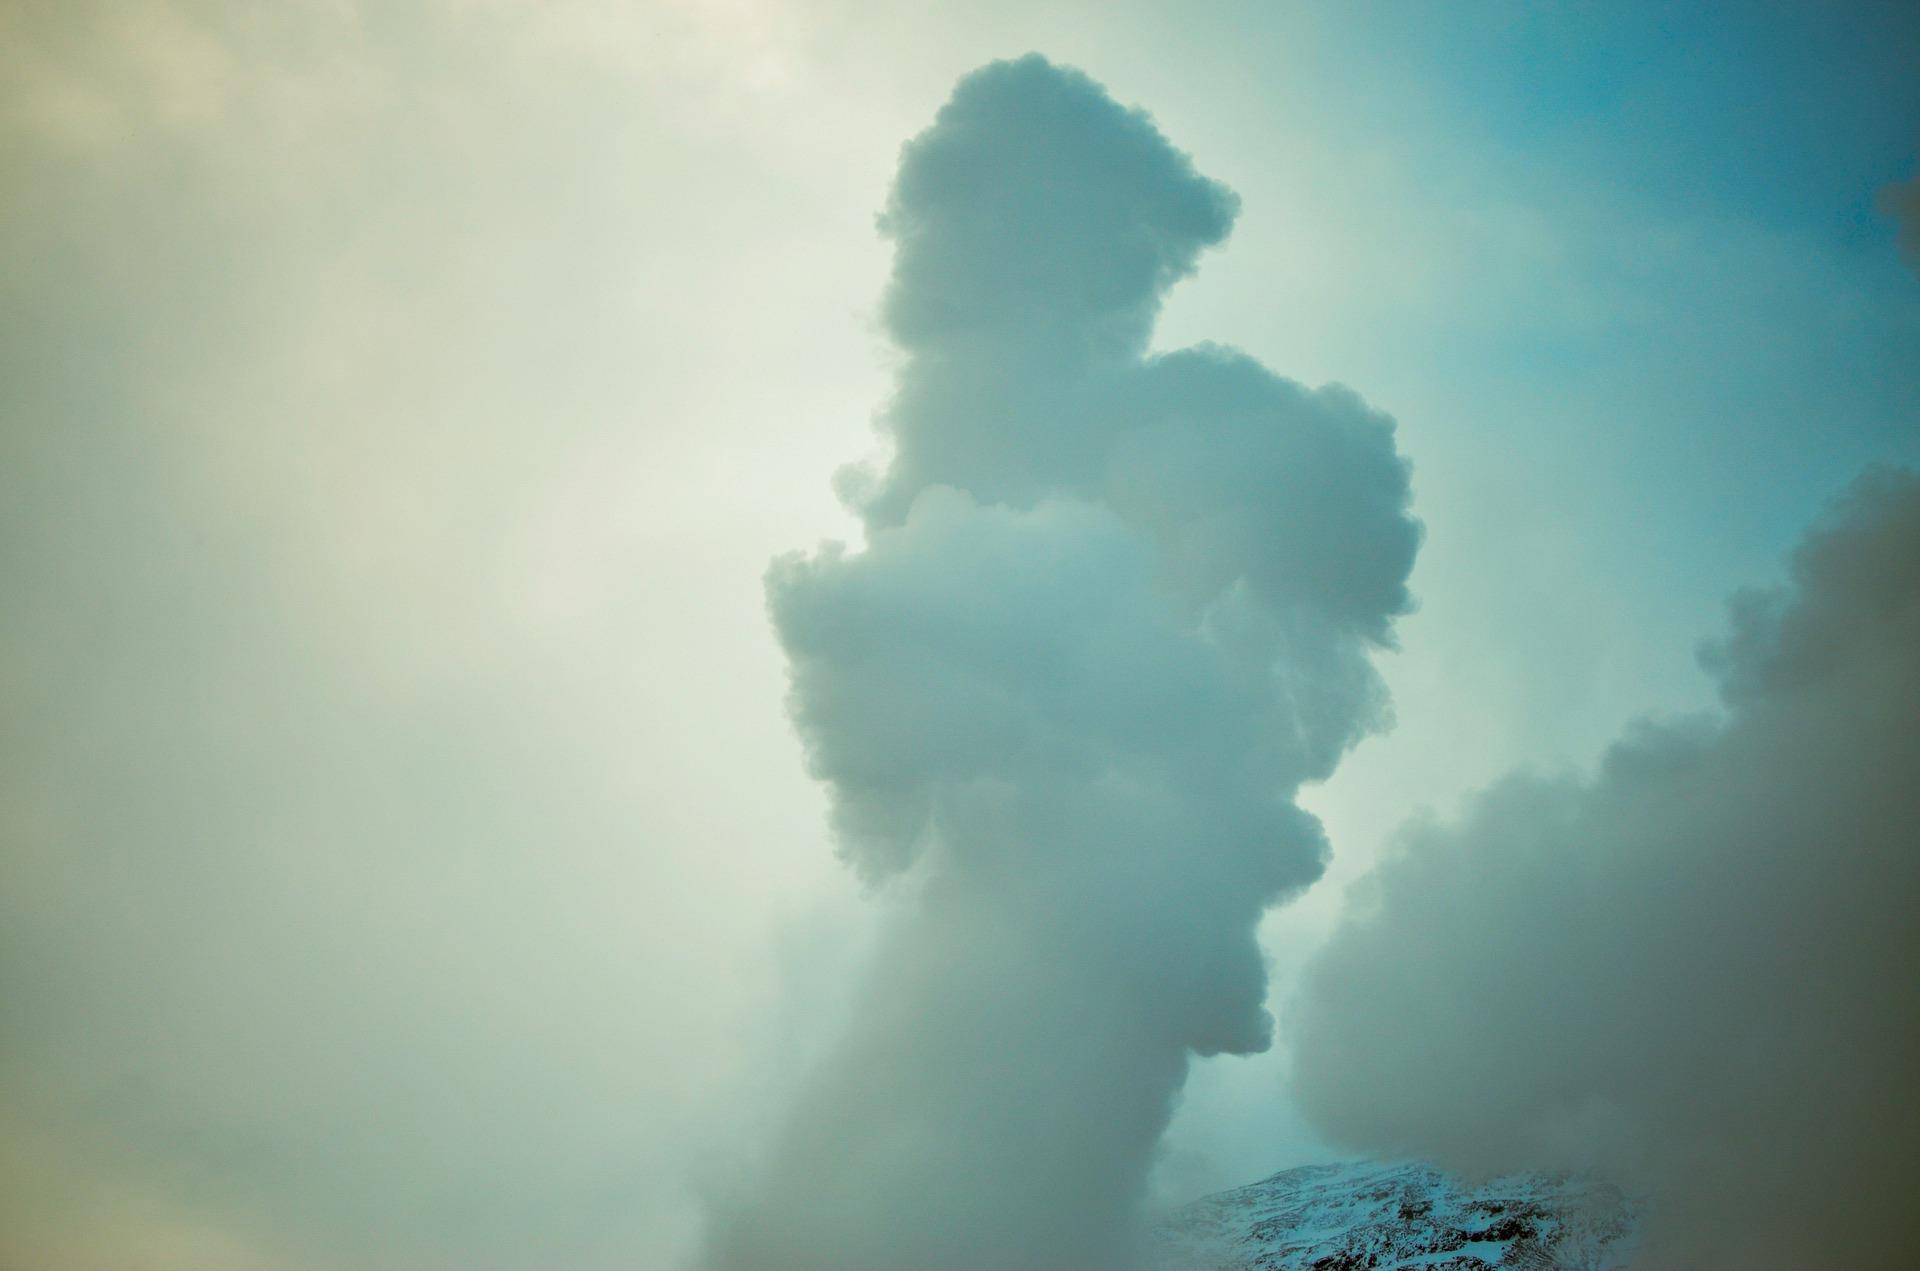 cloud-1030719_1920.jpg